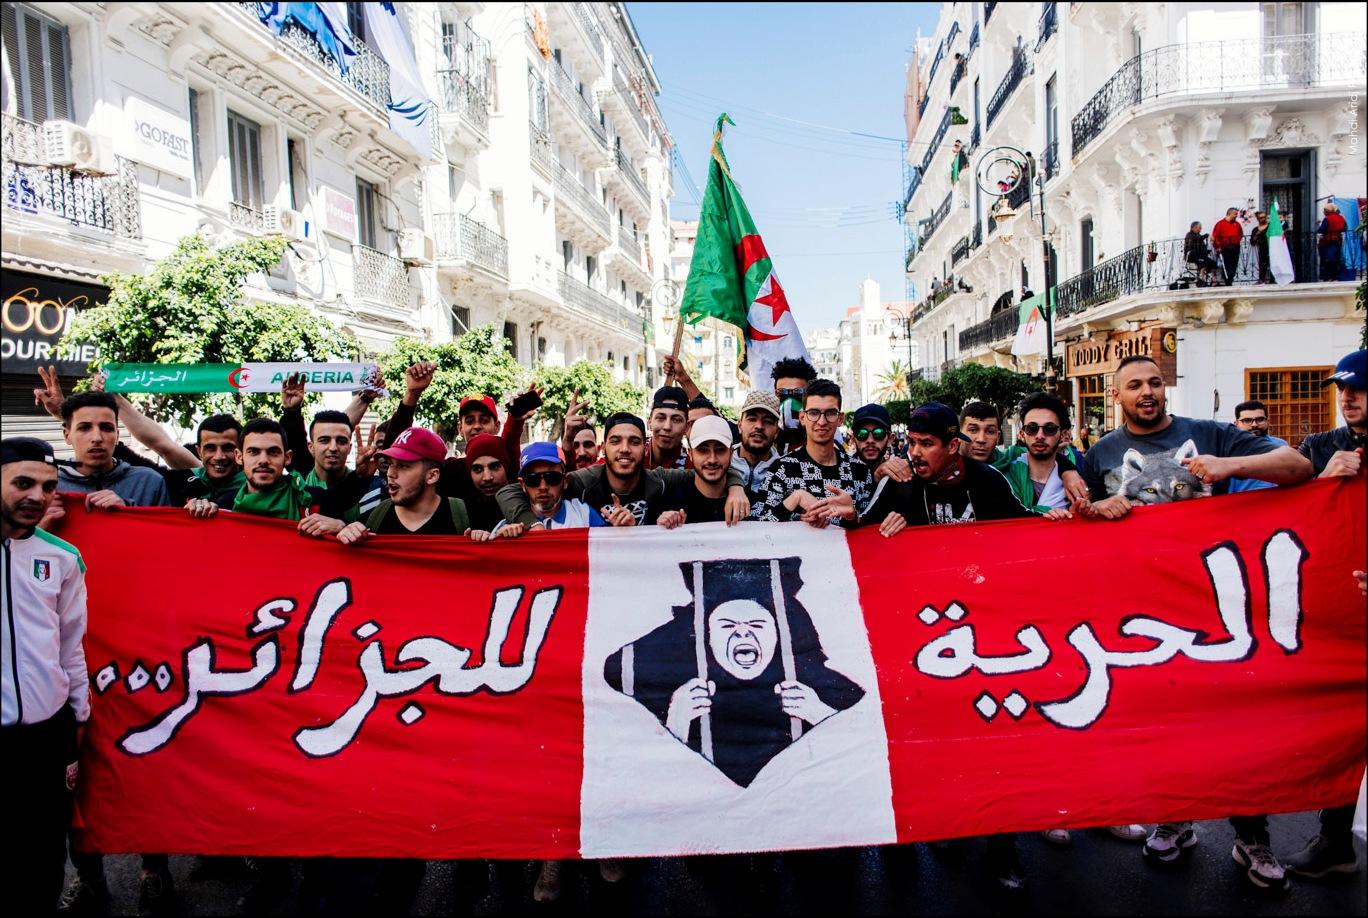 De la déchéance des mœurs politiques en Algérie